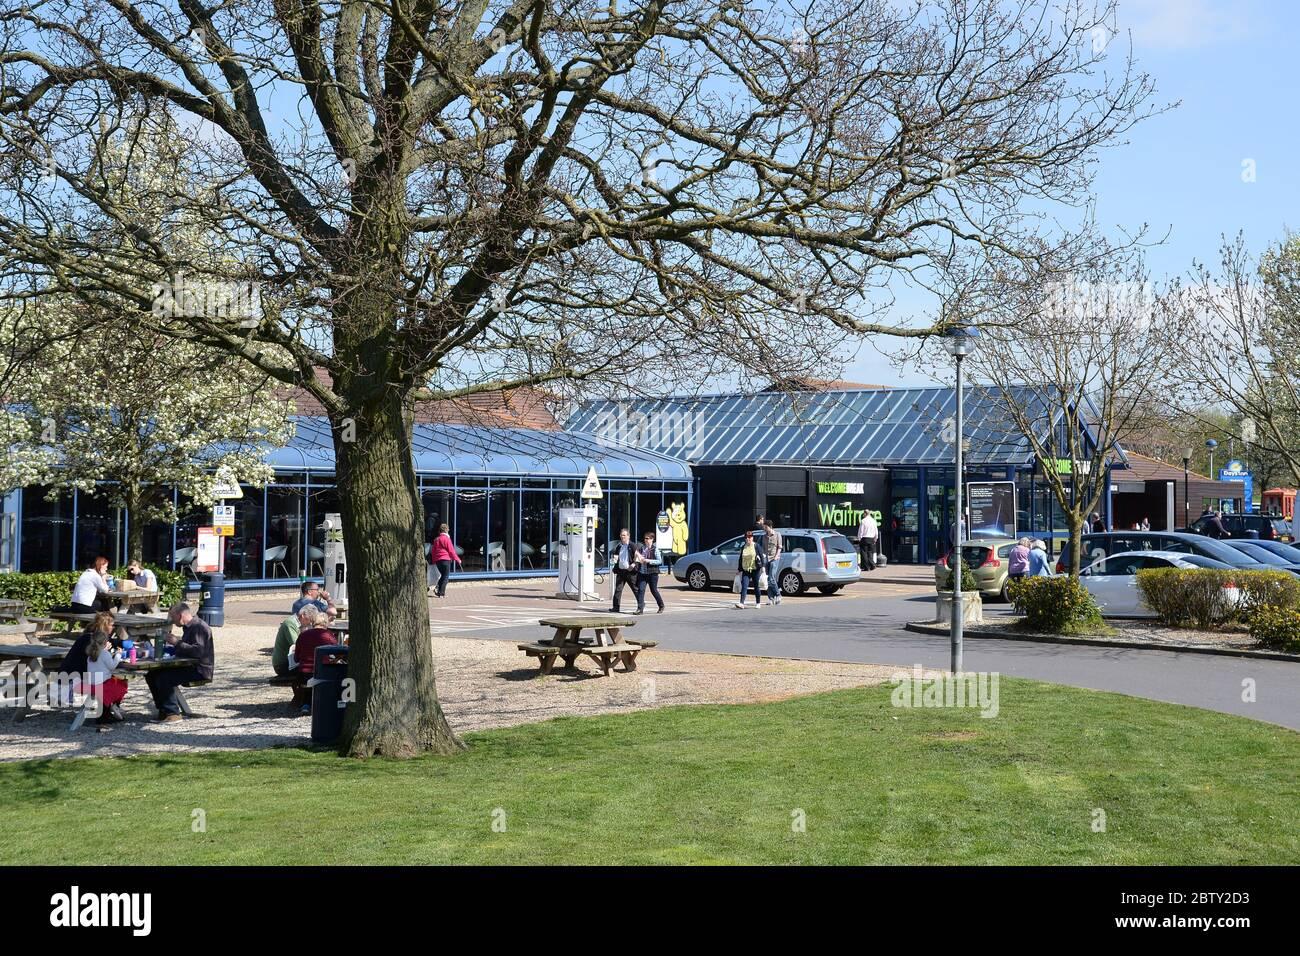 La estación de servicio de la autopista Welcome Break en la M40 cerca de Warwick. Foto de stock